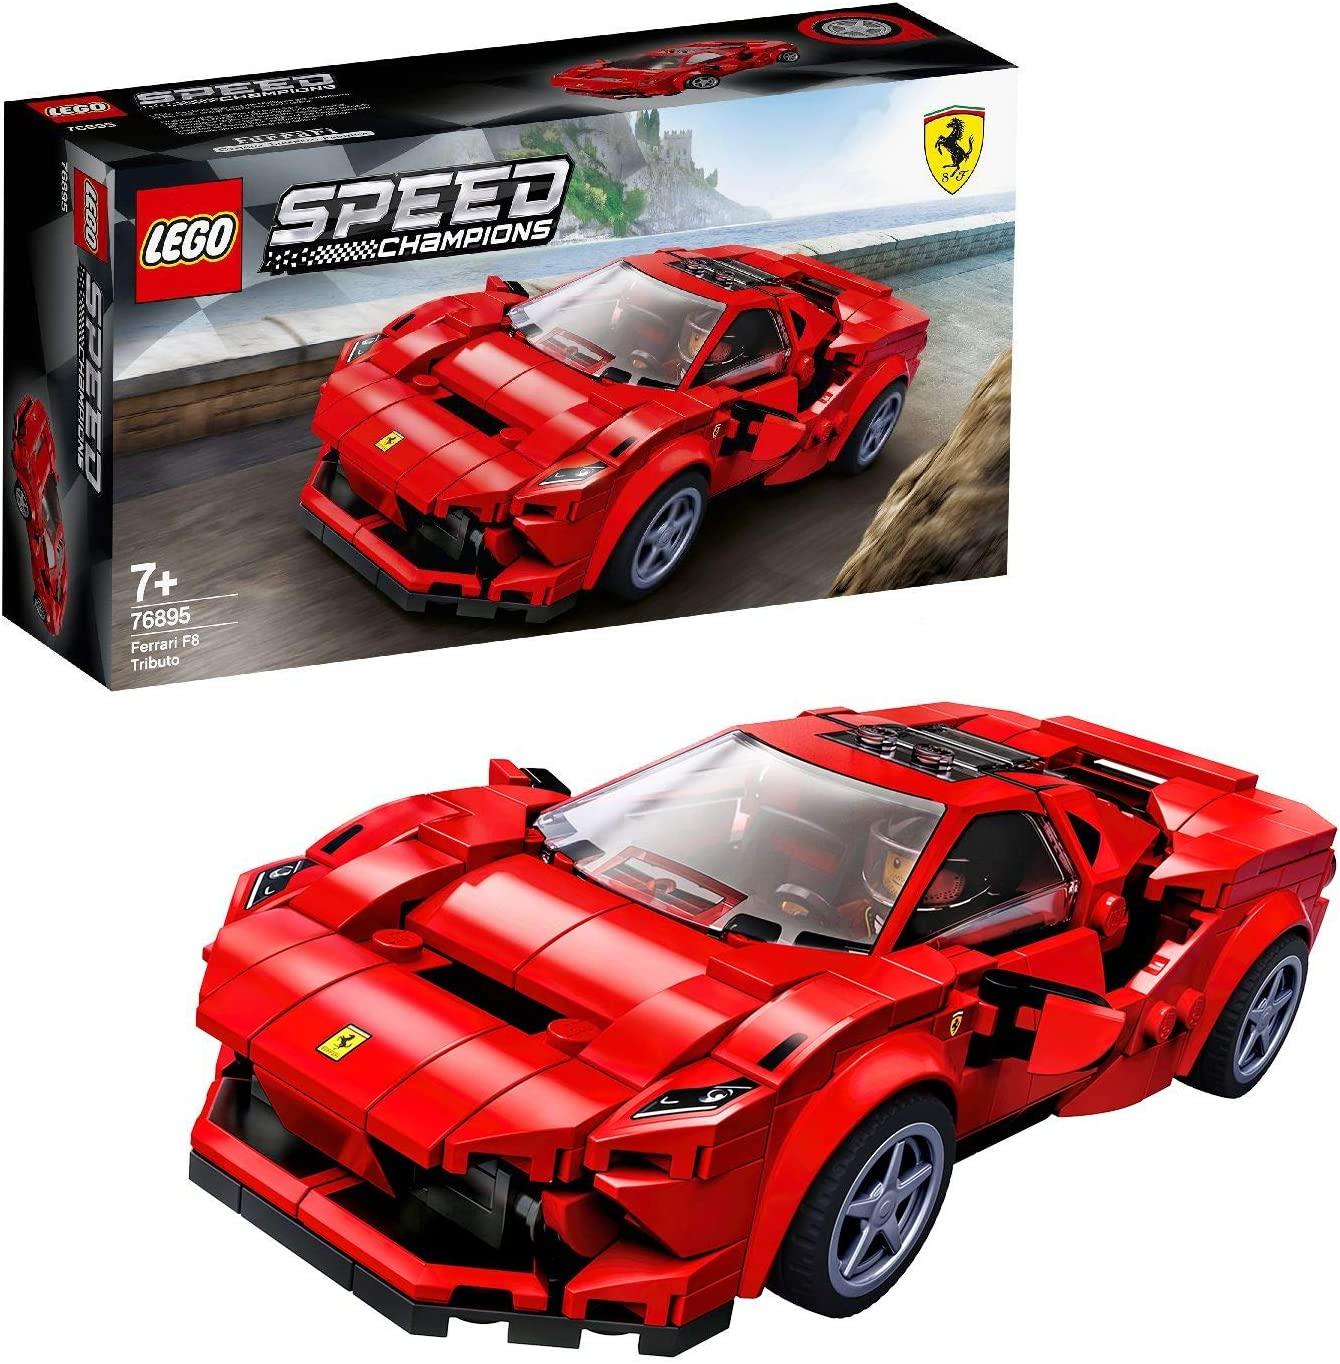 Конструктор Лего 76895 гоночный автомобиль Феррари LEGO Speed Champions Ferrari F8